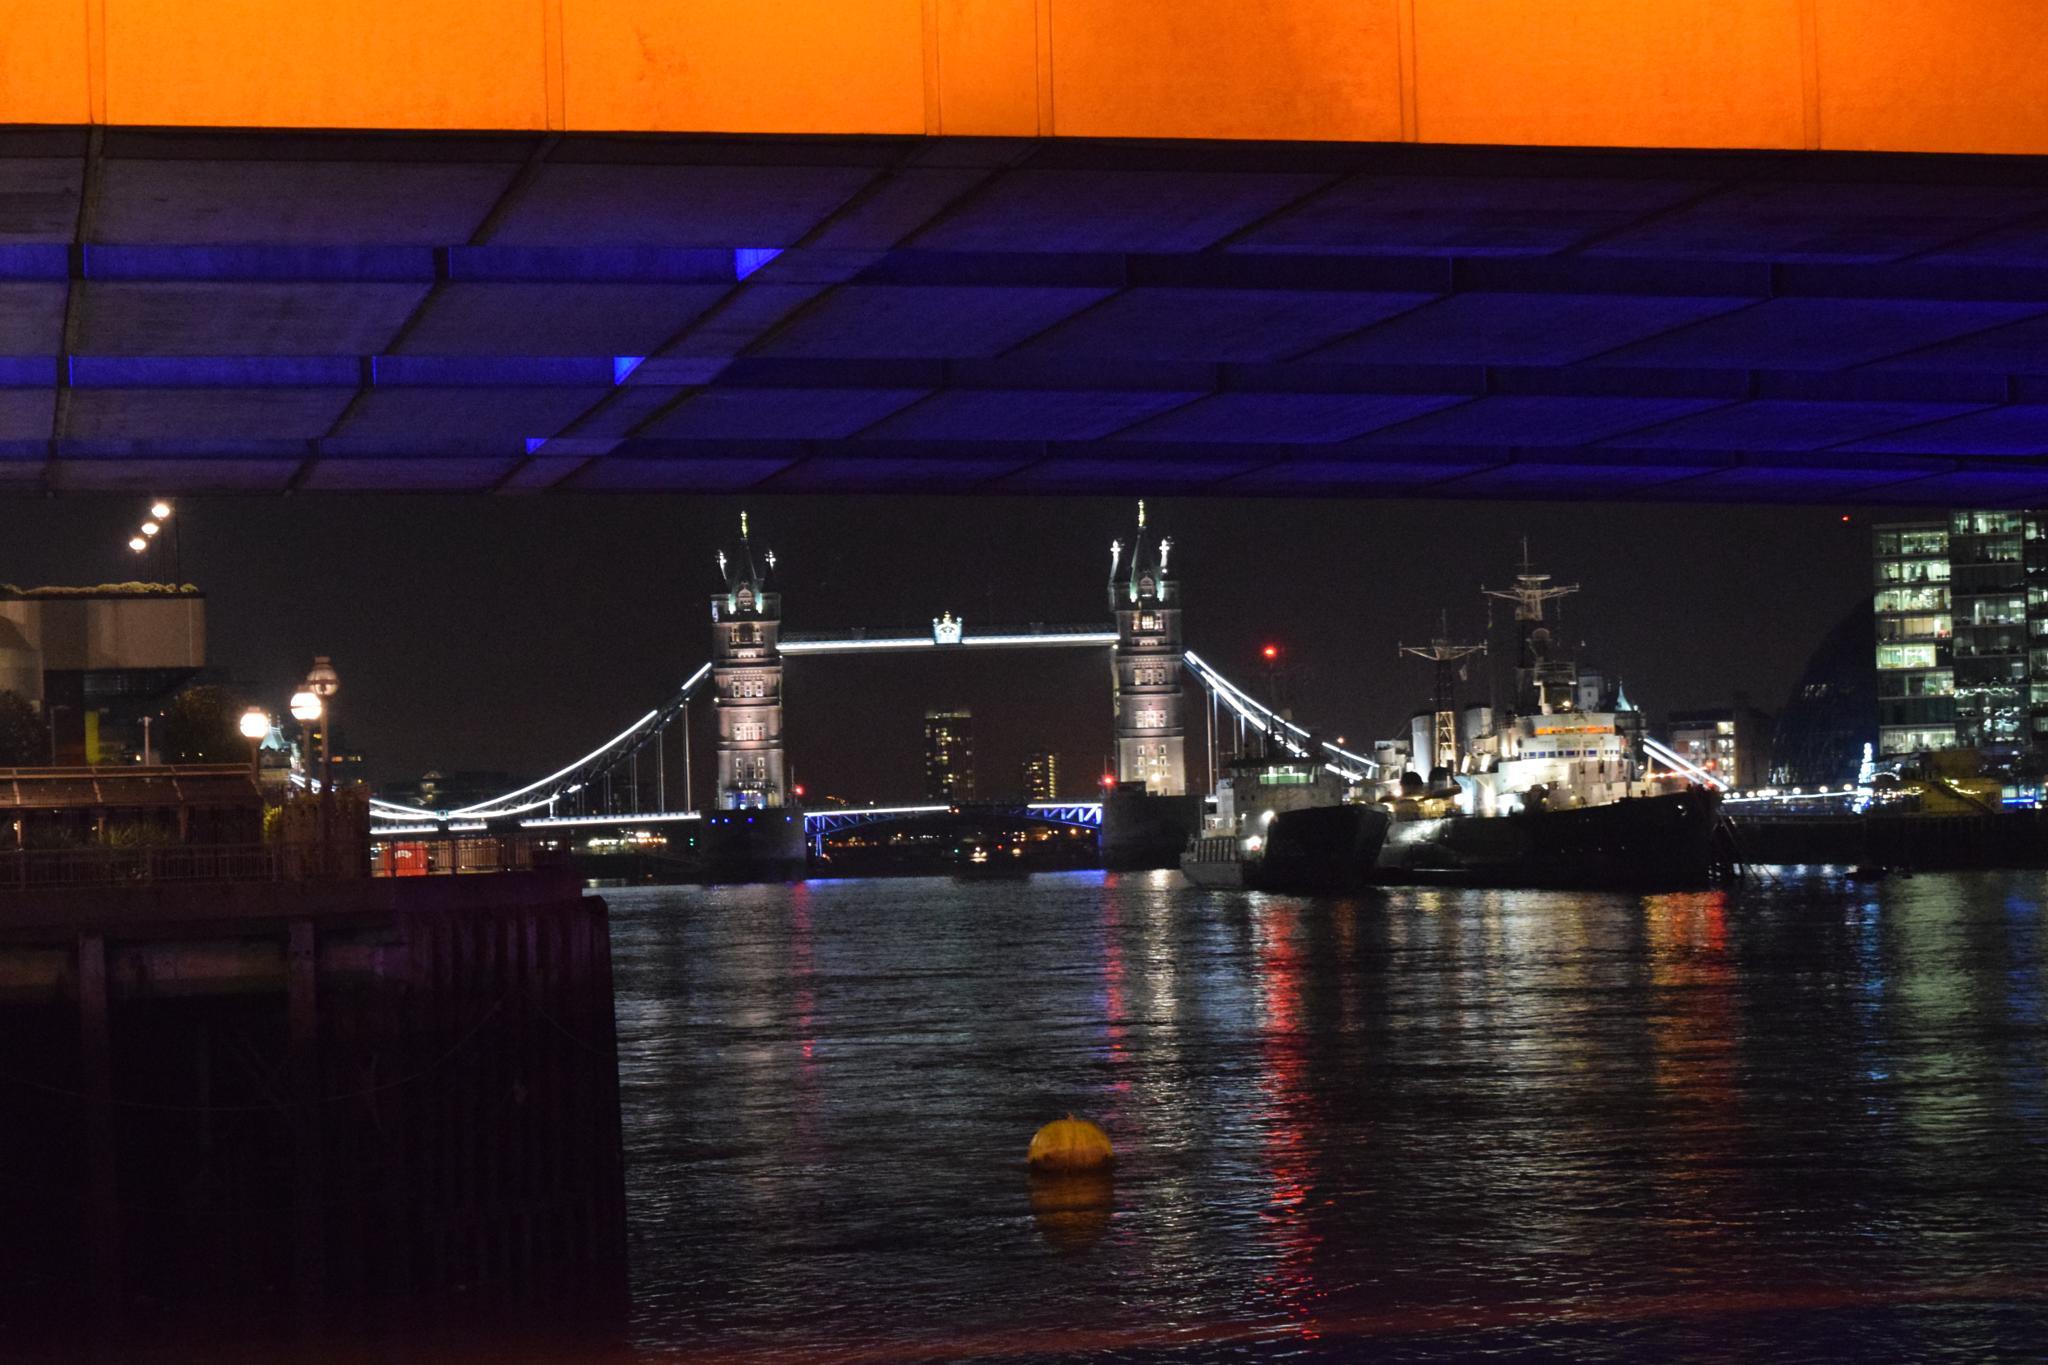 Approaching Tower Bridge at night by Gwynboyo